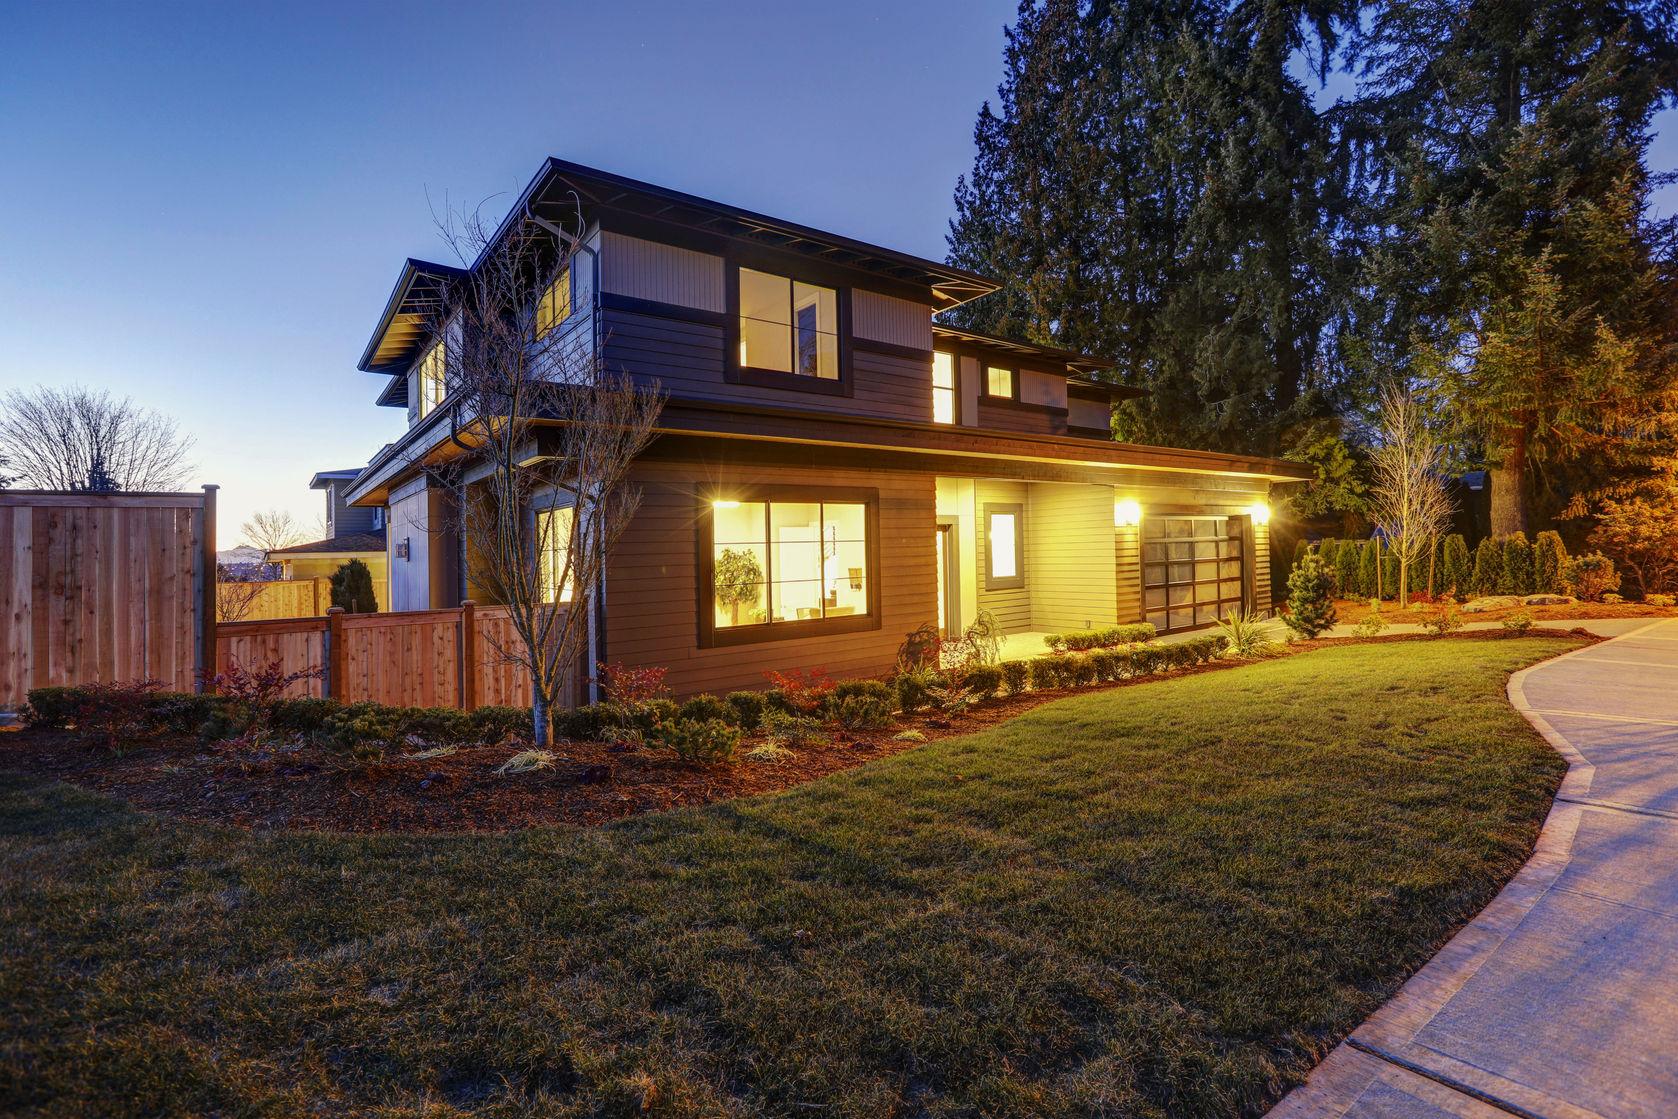 bauexperte baubegleitung bau berwachung haus kaufen immobilien kaufen bauen mit bauexperte. Black Bedroom Furniture Sets. Home Design Ideas